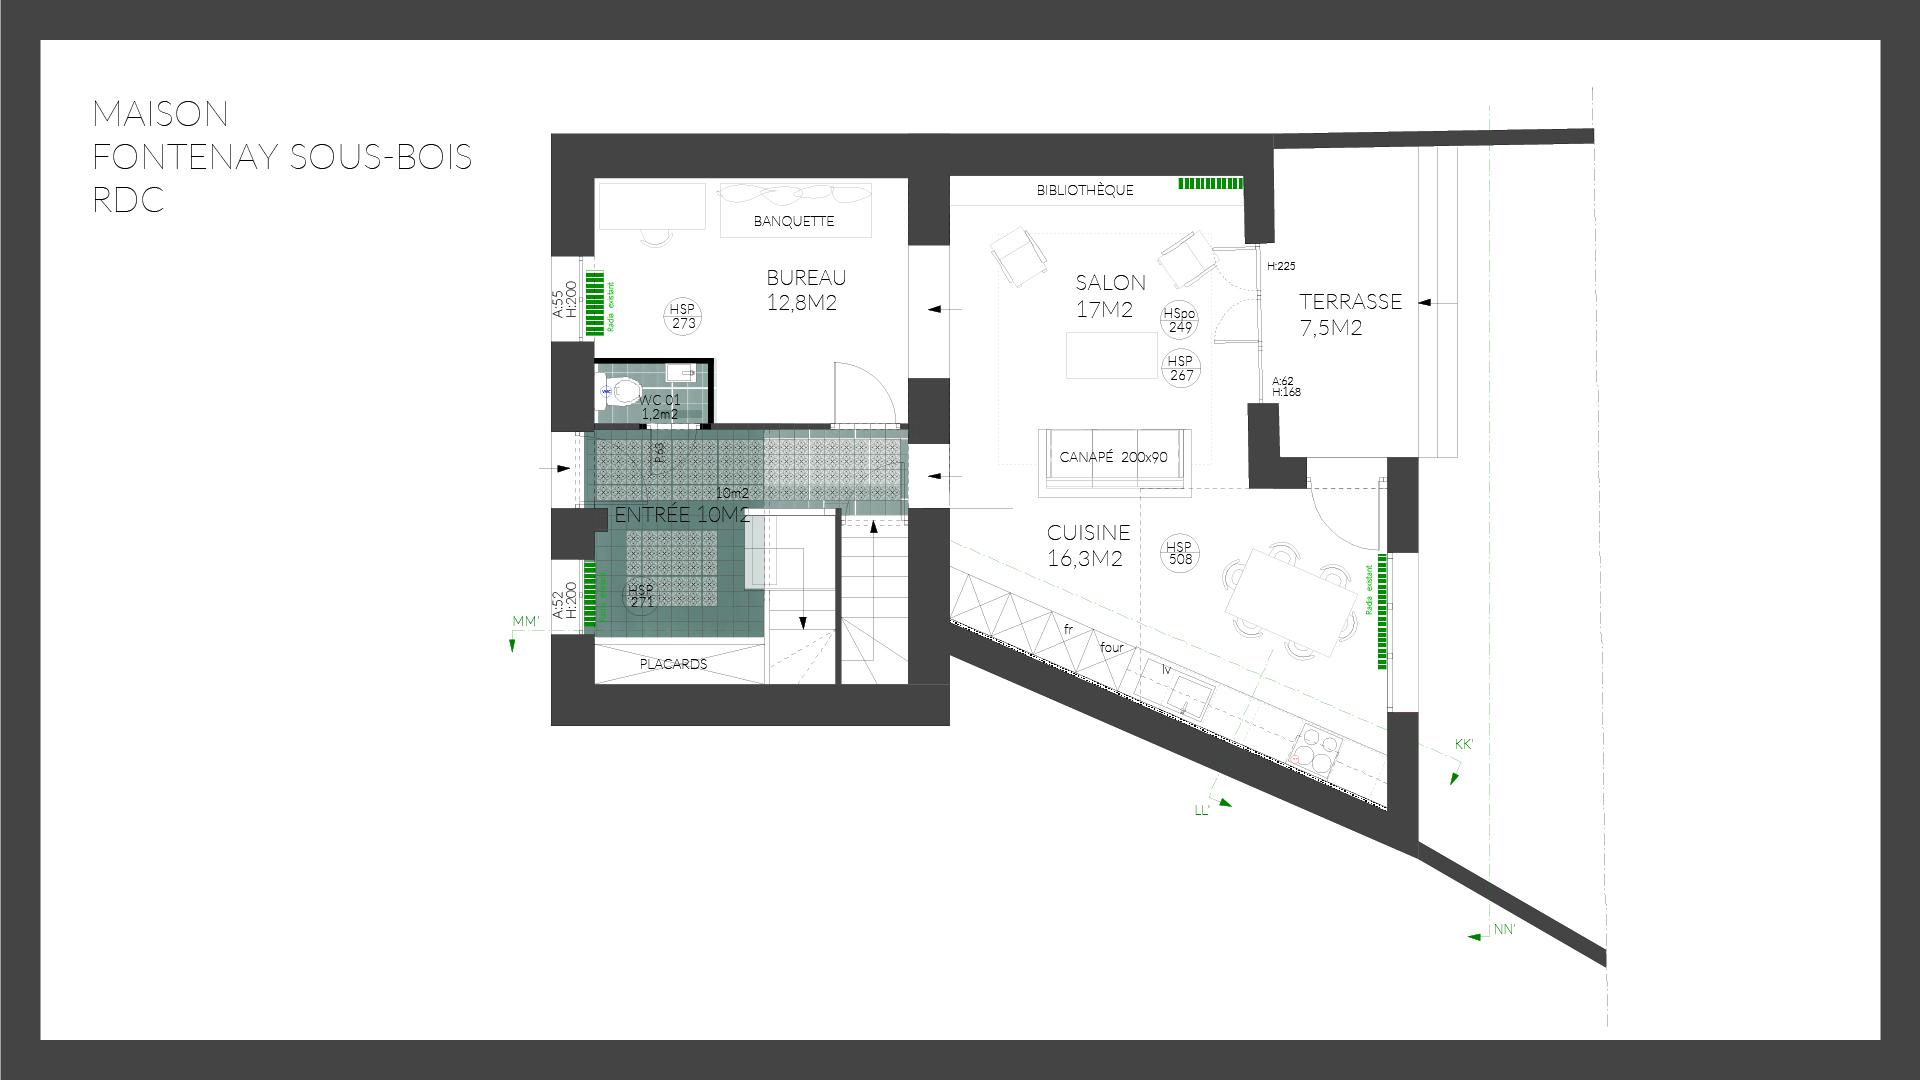 plan-maison-fontenay-rdc